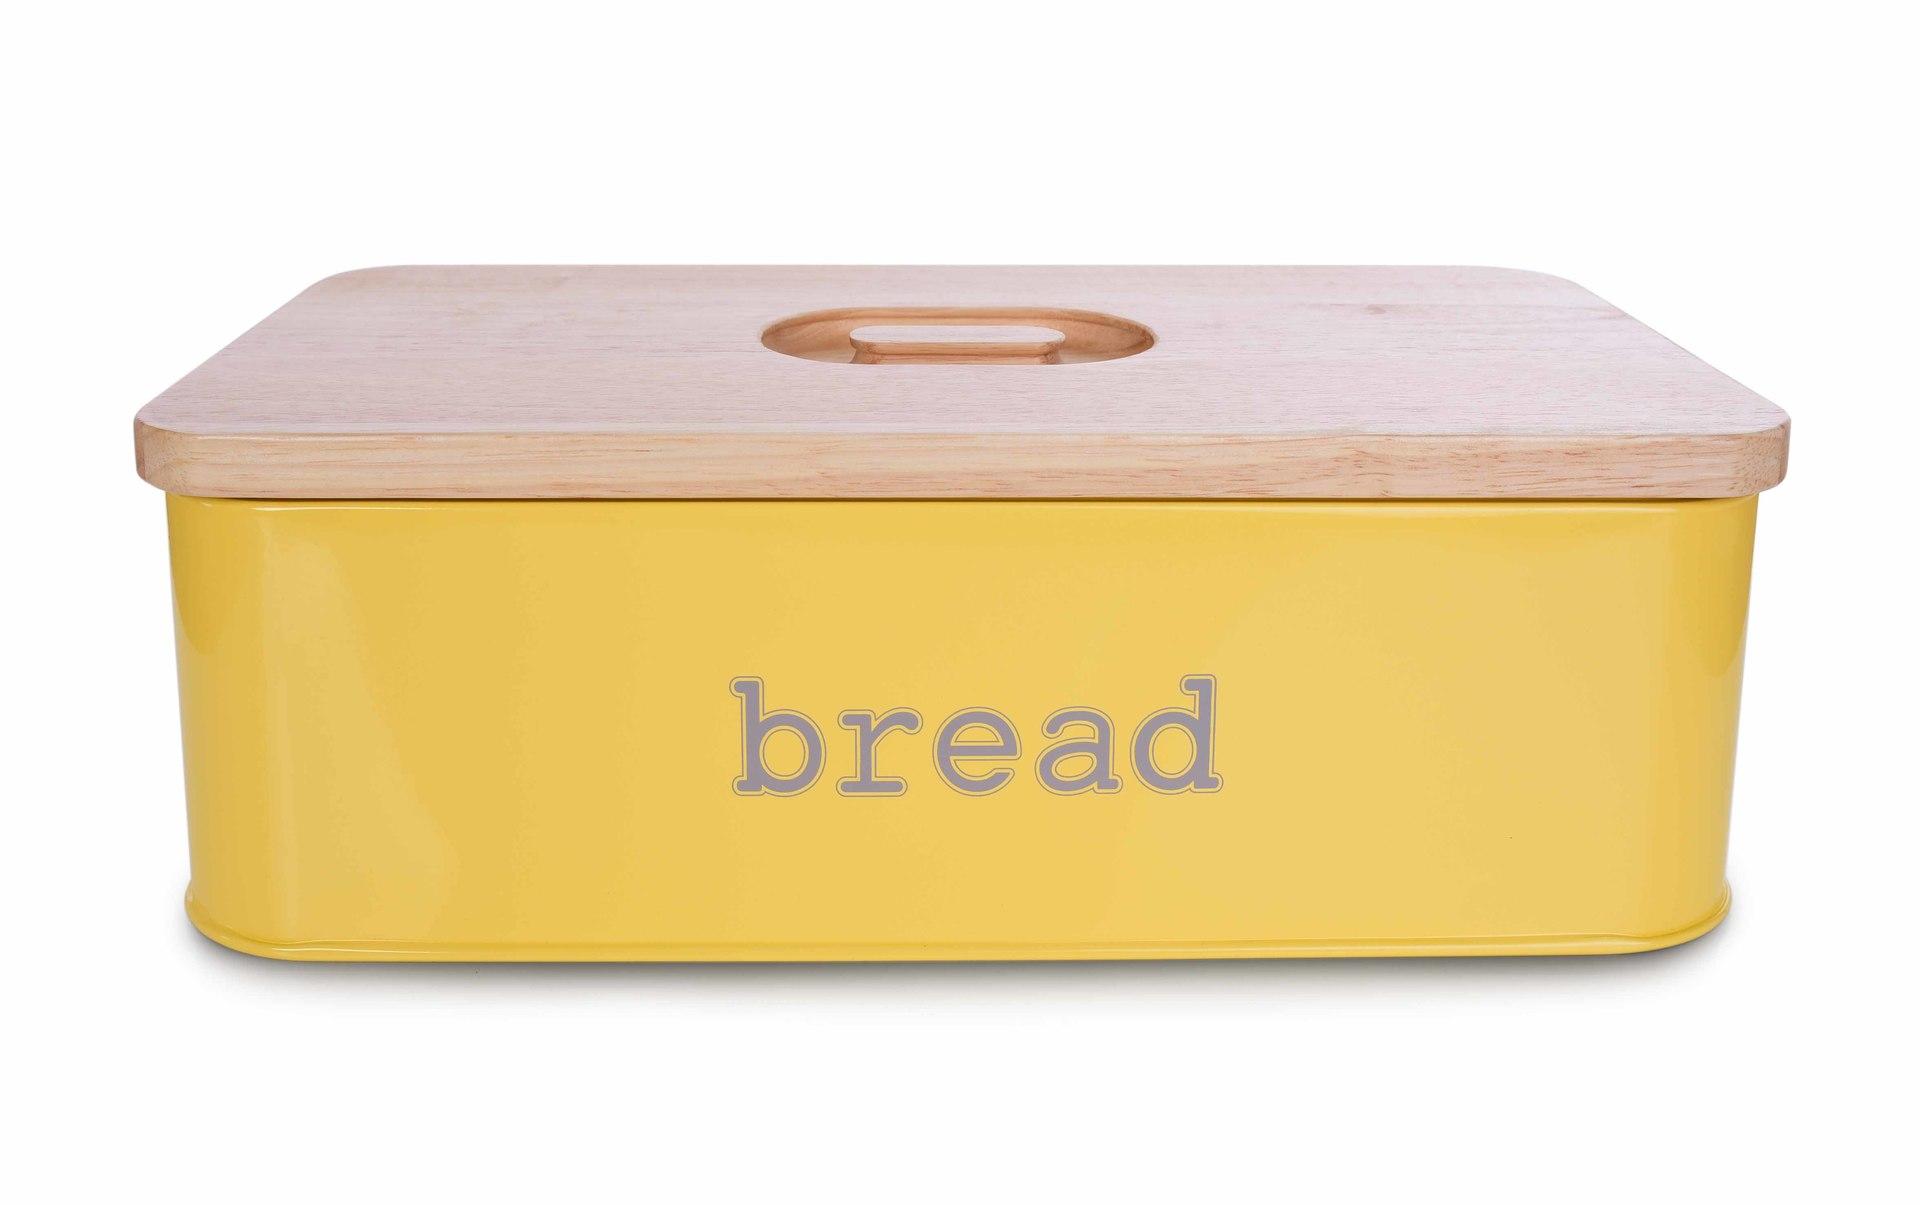 Chlebník BREAD žlutý, kovový s krájecím víkem z masivního dřeva